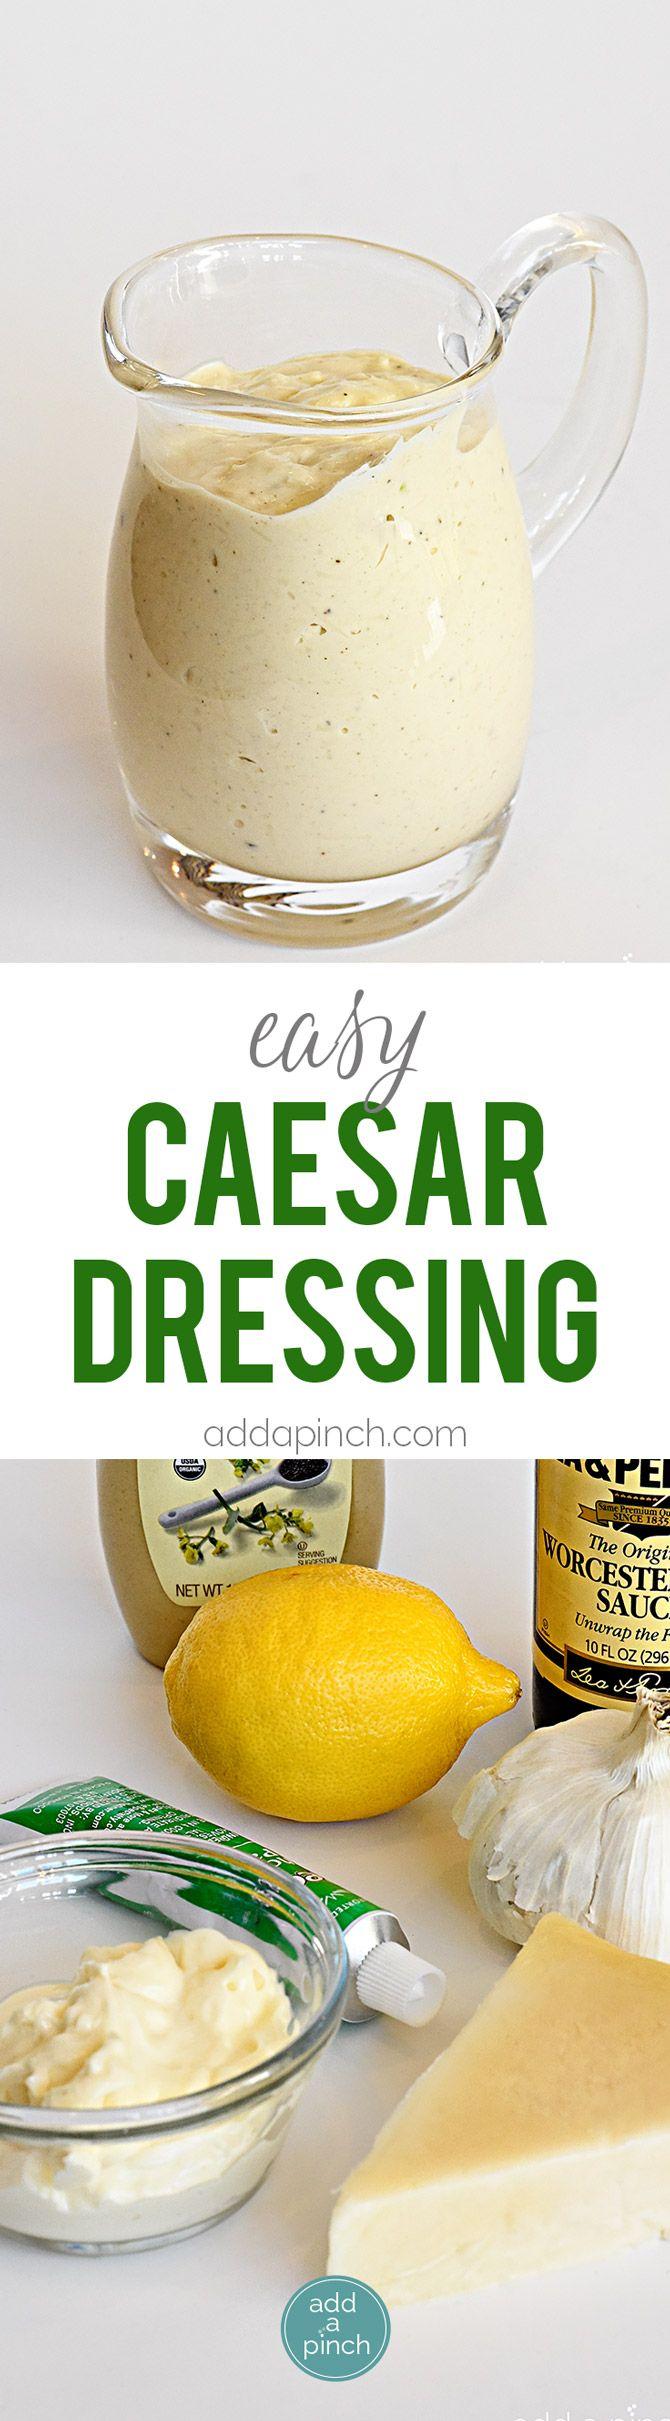 Leckeres Ceasar Dressing ganz einfach selber machen - Peppt jeden Salat auf…